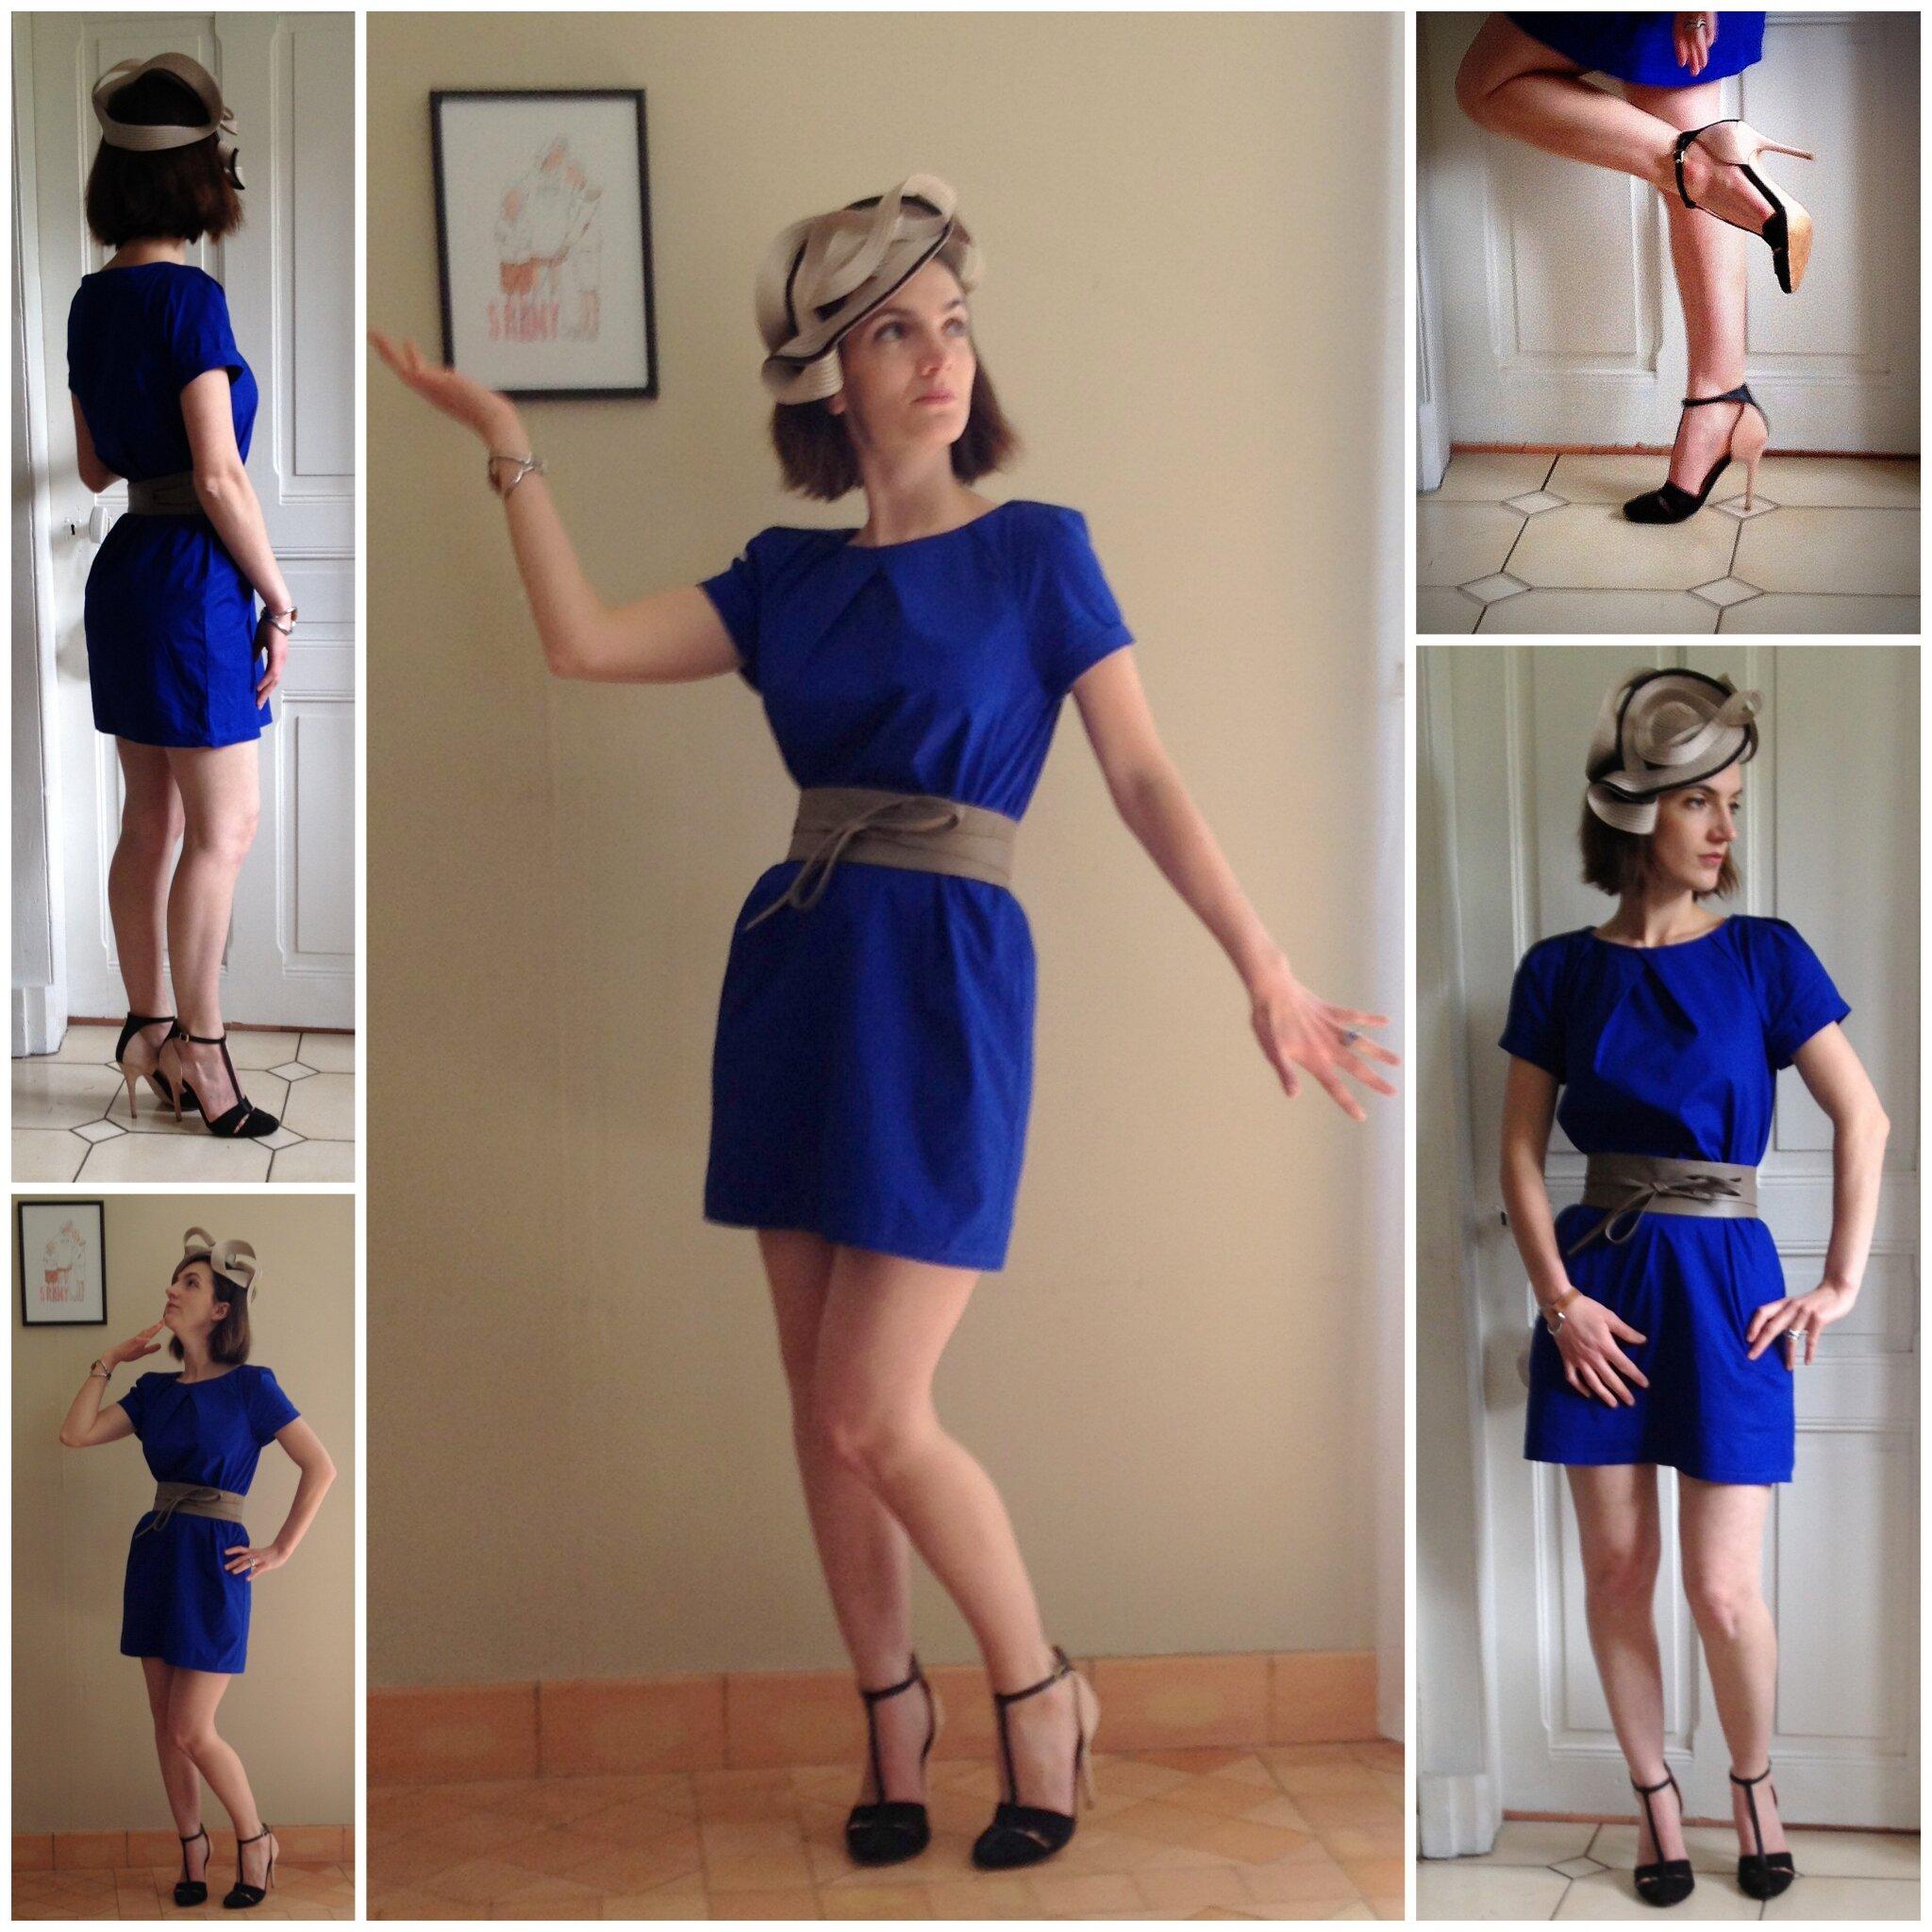 top robes blog quelles chaussures avec robe bleue electrique. Black Bedroom Furniture Sets. Home Design Ideas